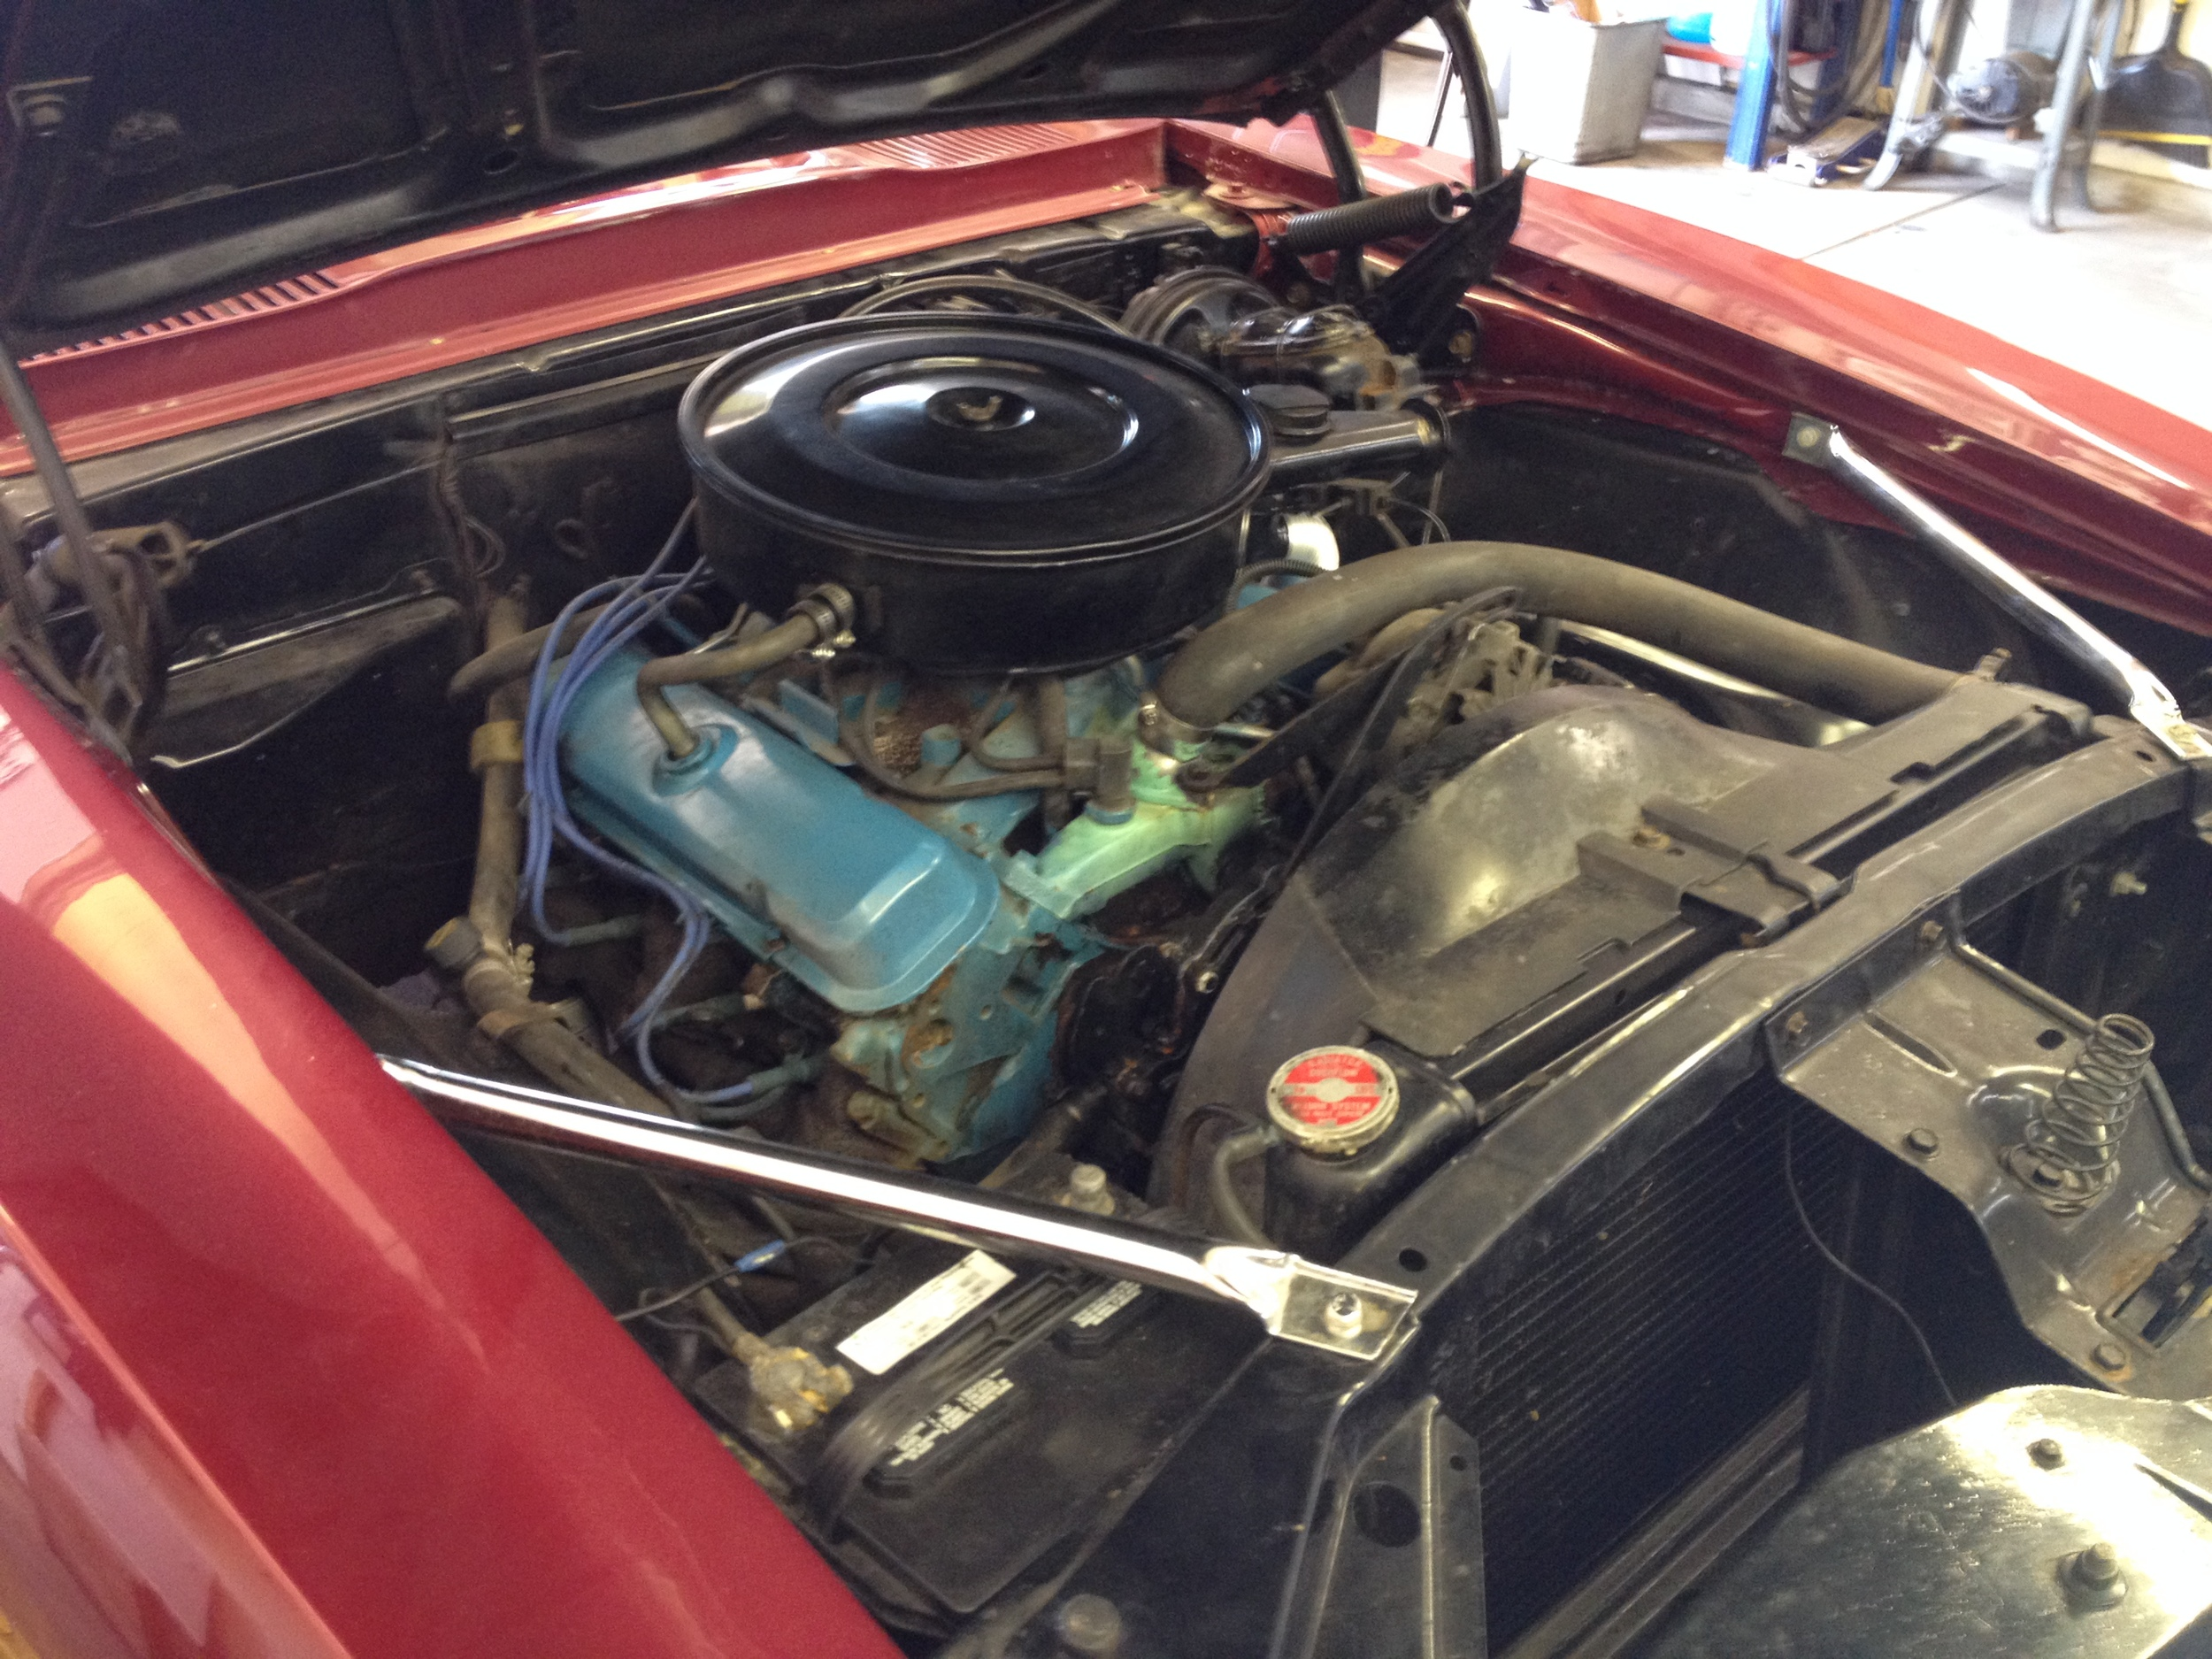 All original Pontiac 350. Original engine bay not too bad.